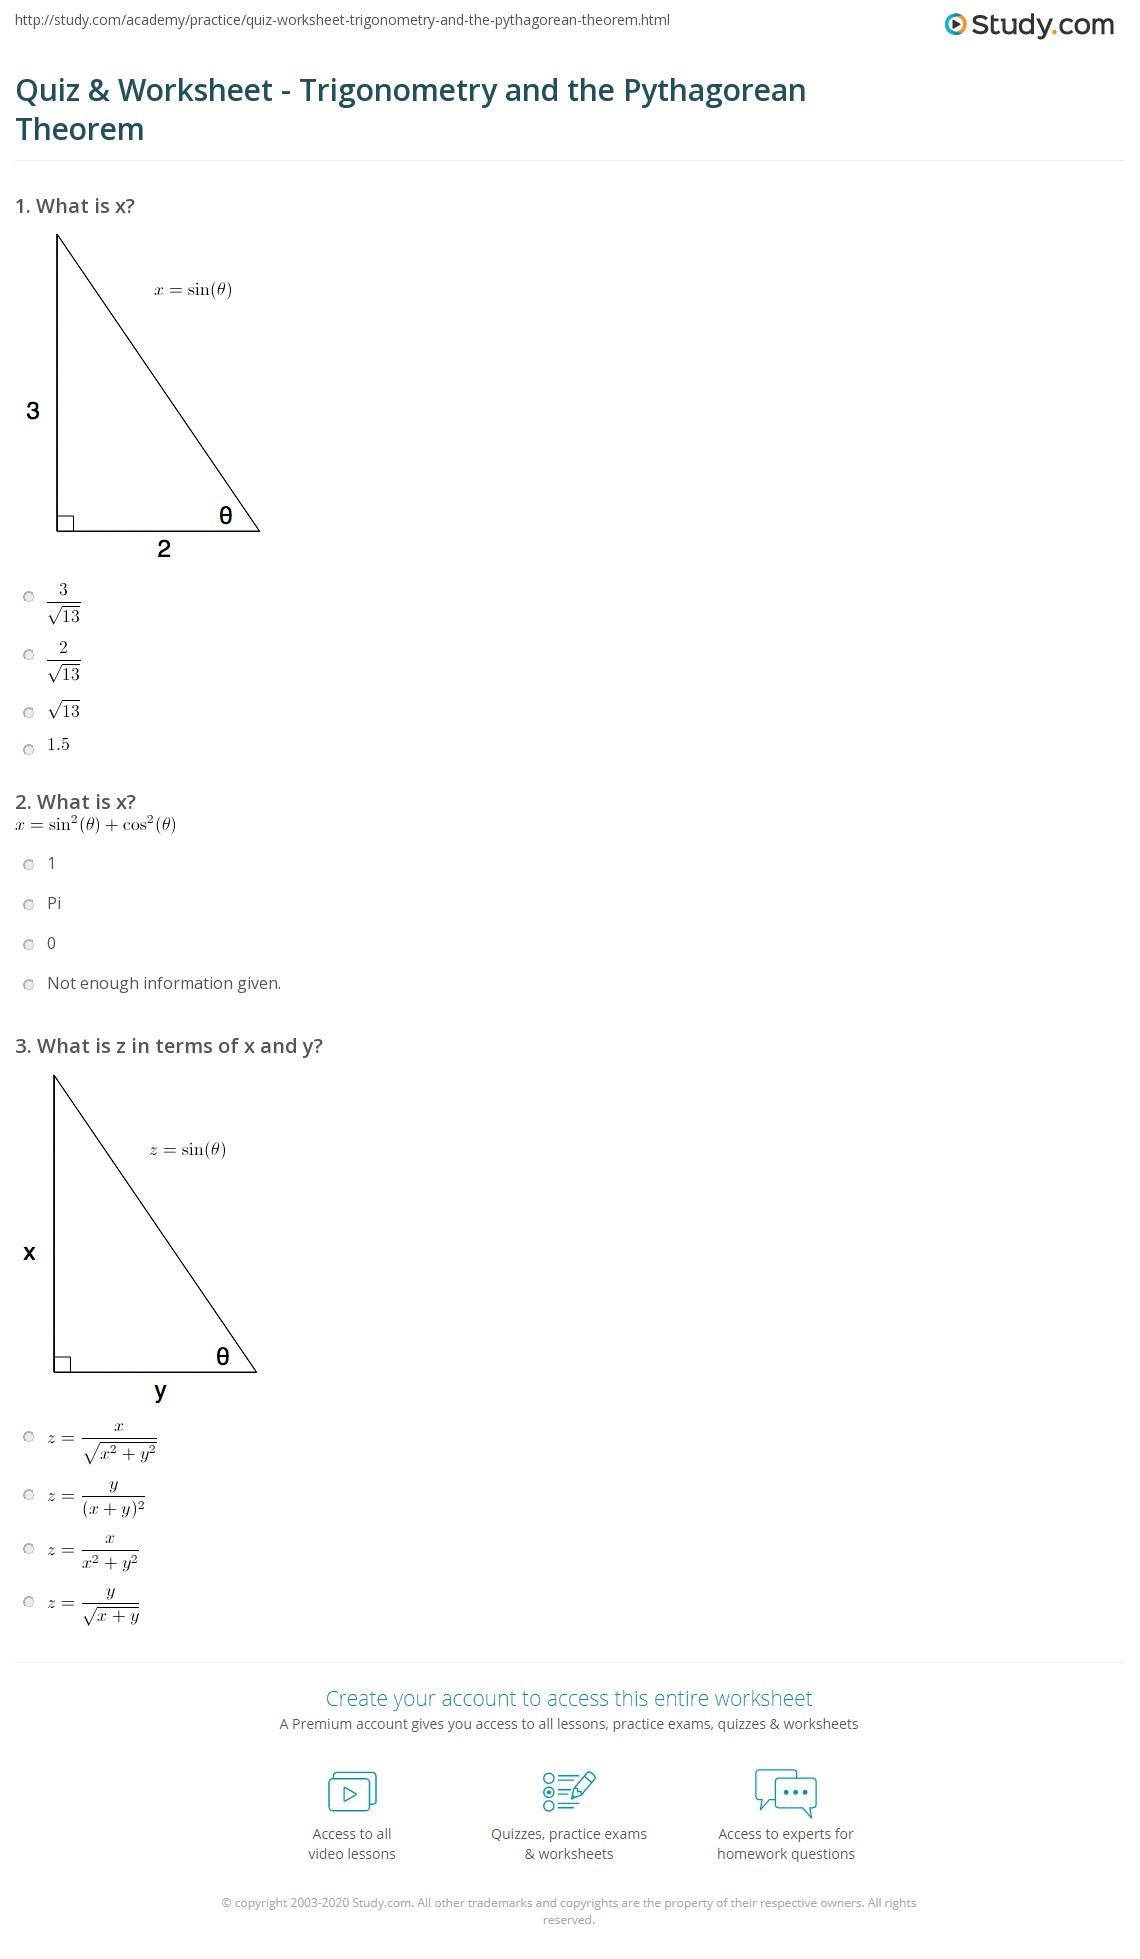 Pythagorean theorem Practice Worksheet Quiz & Worksheet Trigonometry and the Pythagorean theorem